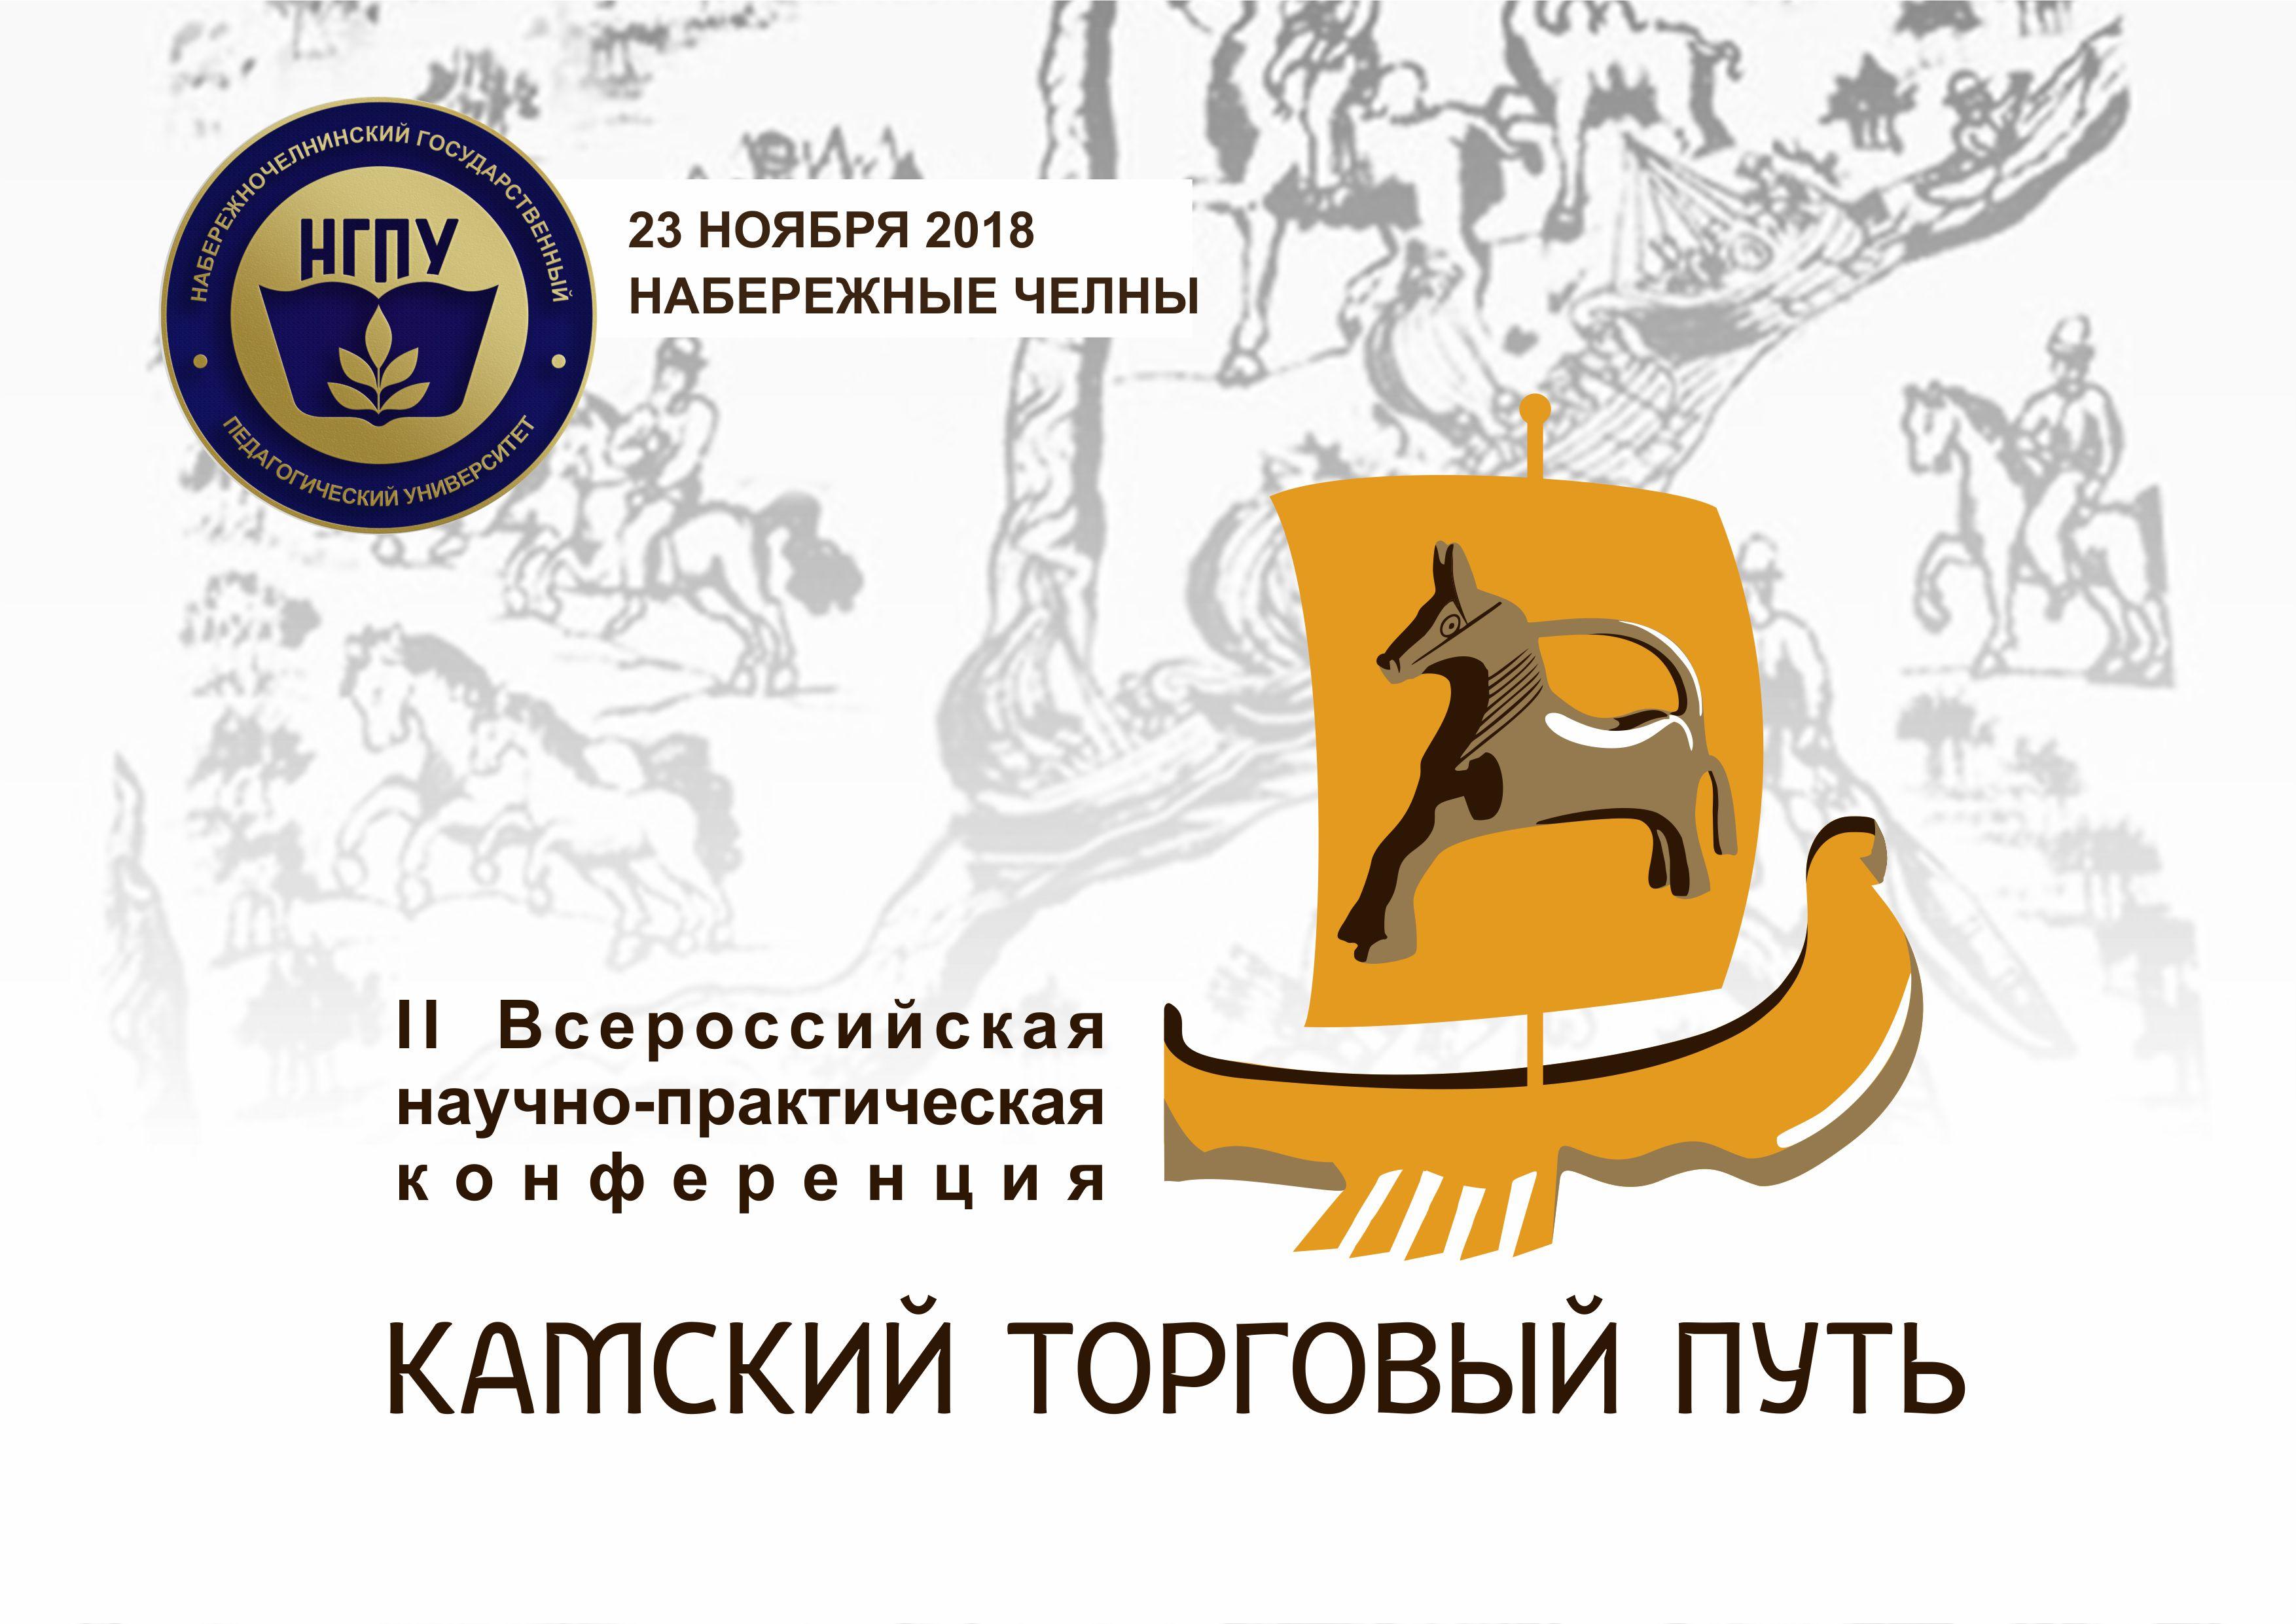 II Всероссийская научно-практическая конференция «КАМСКИЙ ТОРГОВЫЙ ПУТЬ»